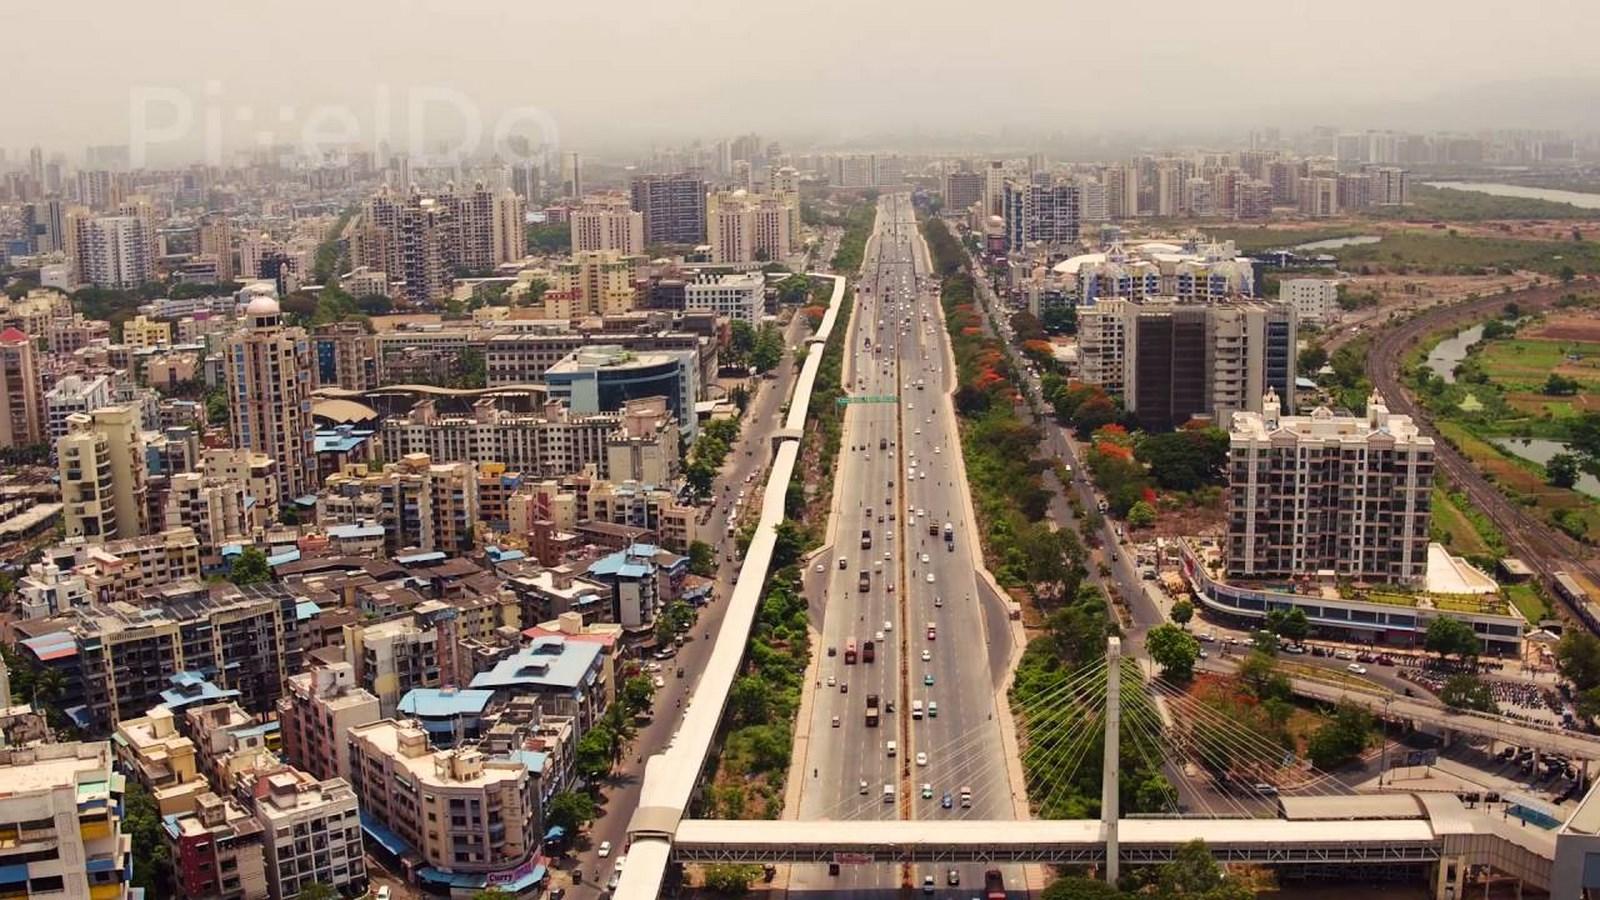 Navi Mumbai, Maharashtra - Sheet1